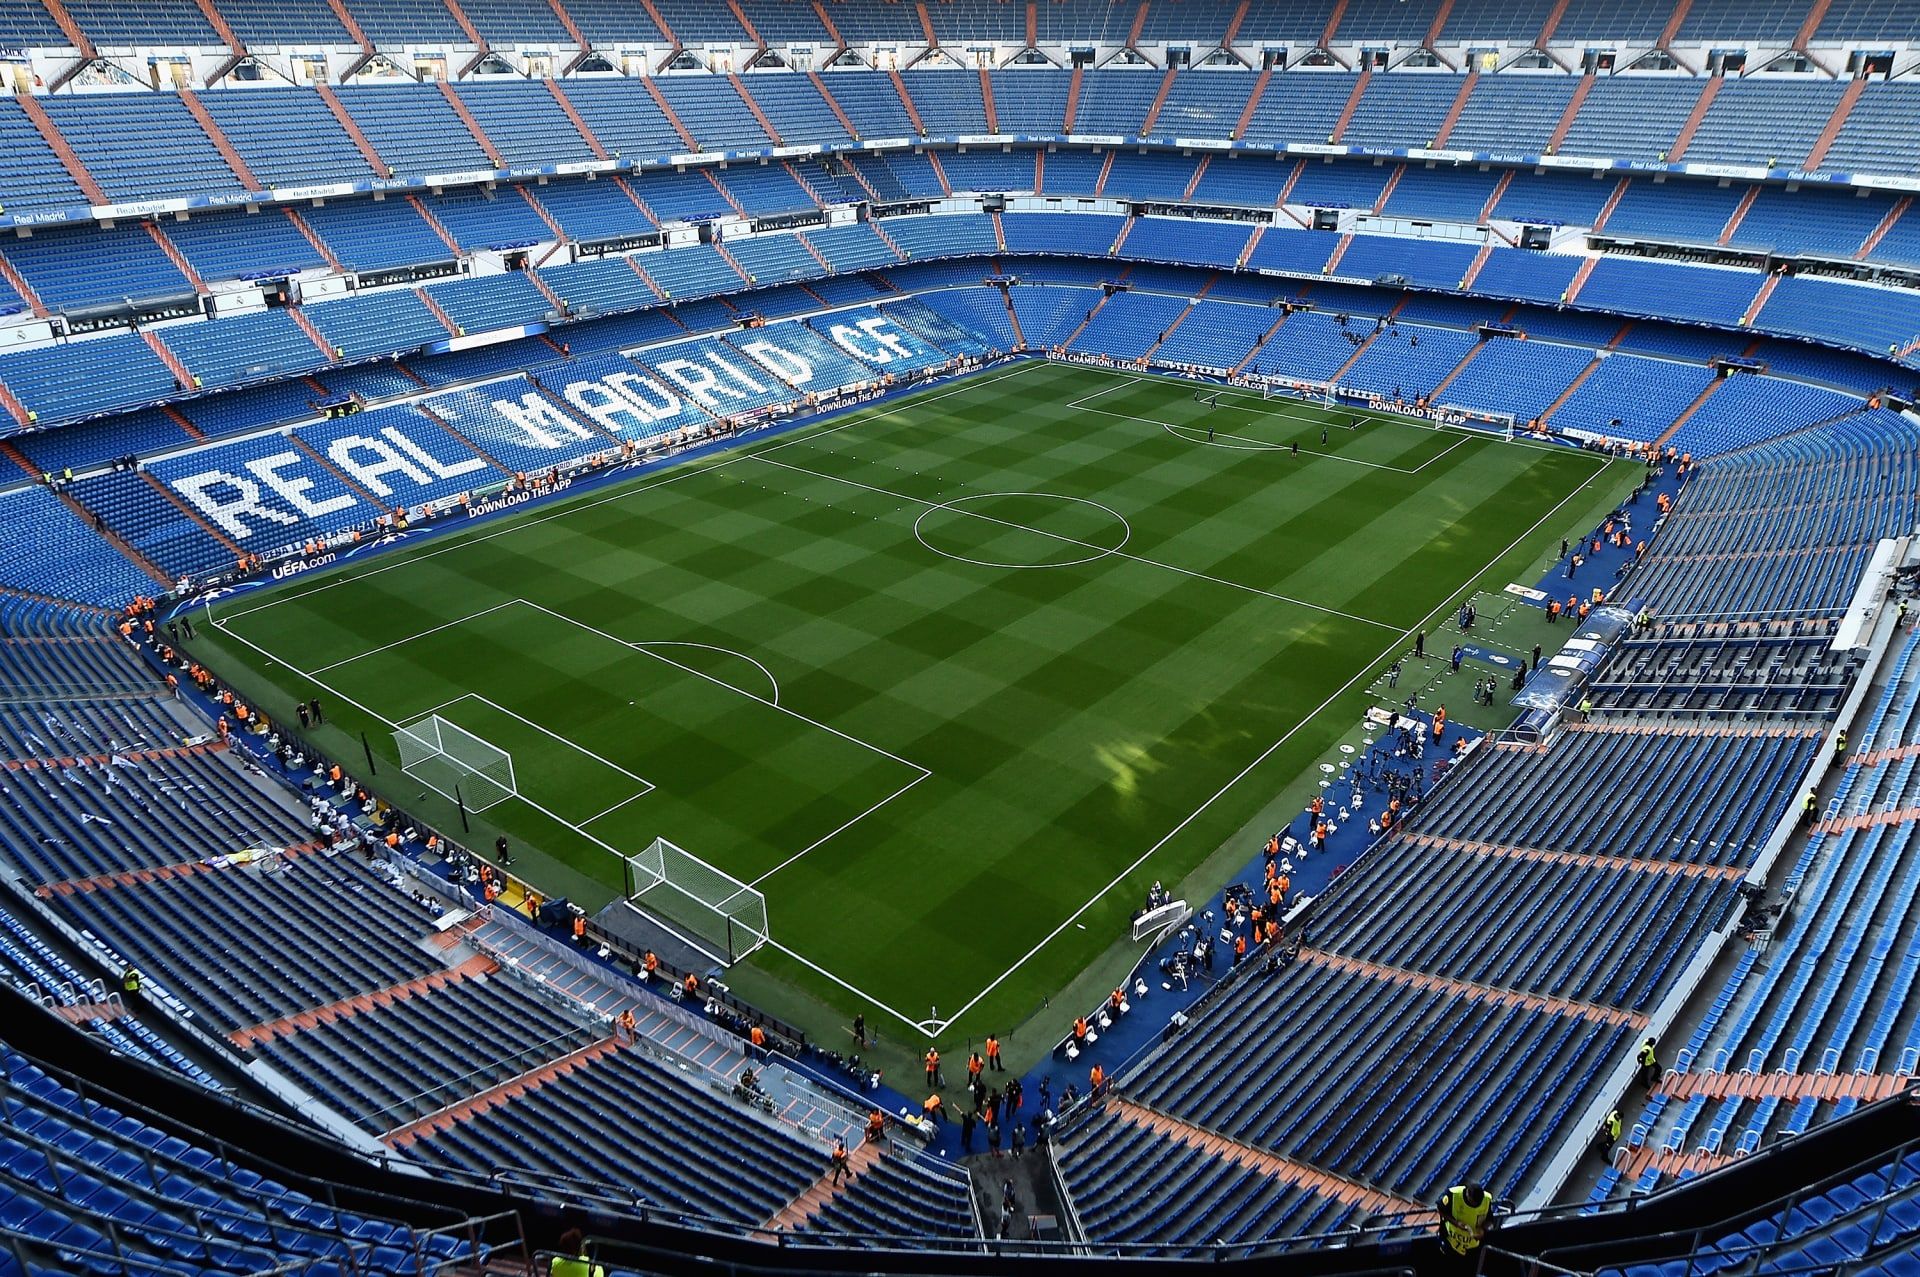 شاهد.. ملعب ريال مدريد يكتسي باللون الأبيض بسبب تساقط الثلوج